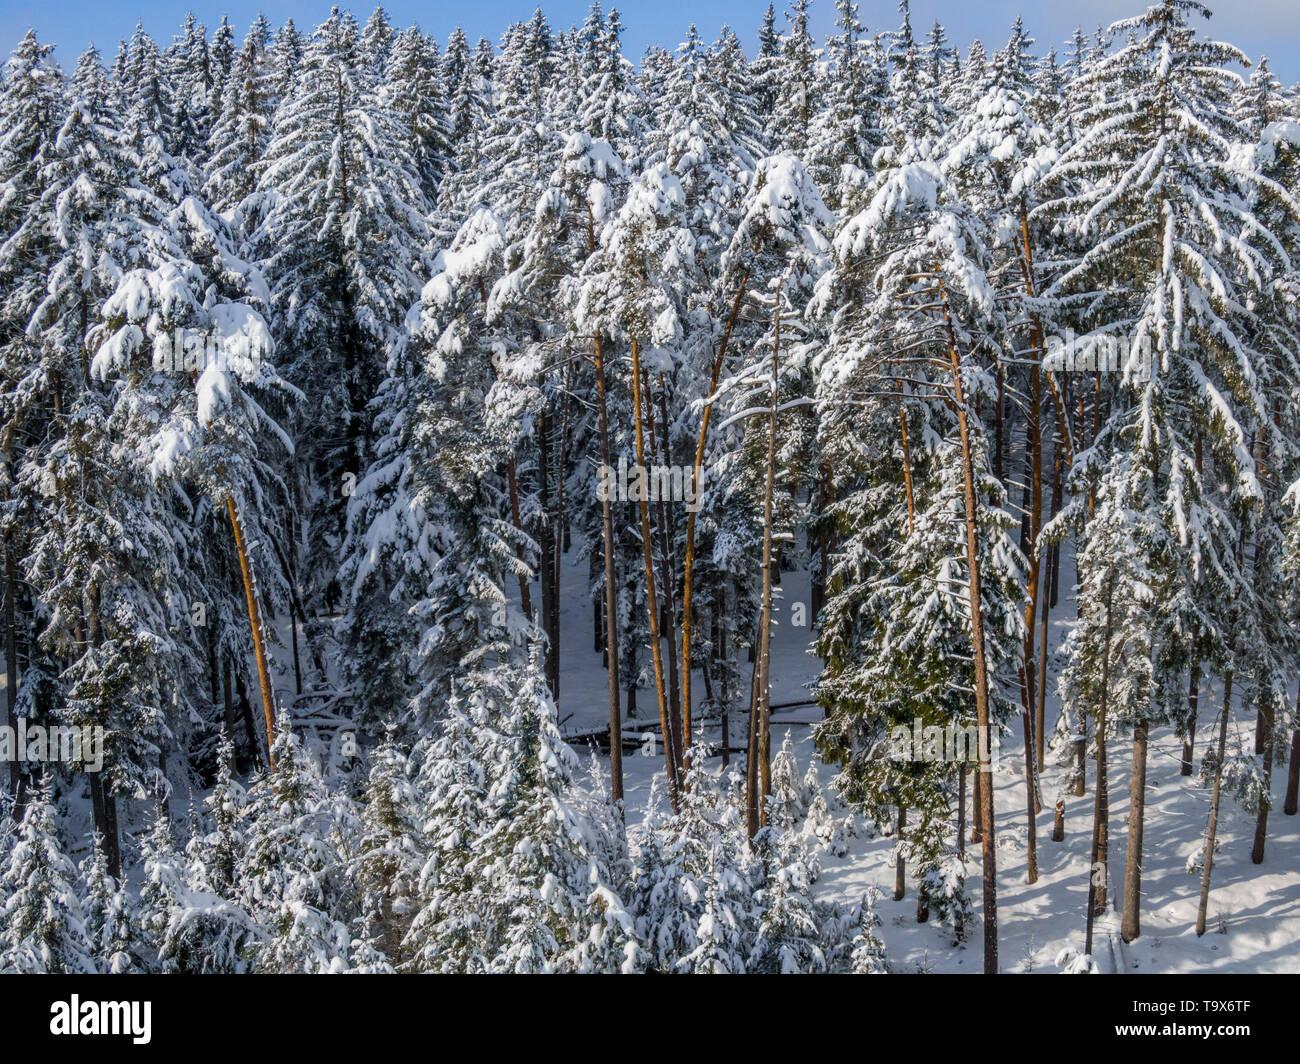 Winter scenery with snowy spruces, Tutzing, Upper Bavaria, Bavaria, Germany, Europe, Winterlandschaft mit schneebedeckten Fichten, Oberbayern, Bayern, - Stock Image